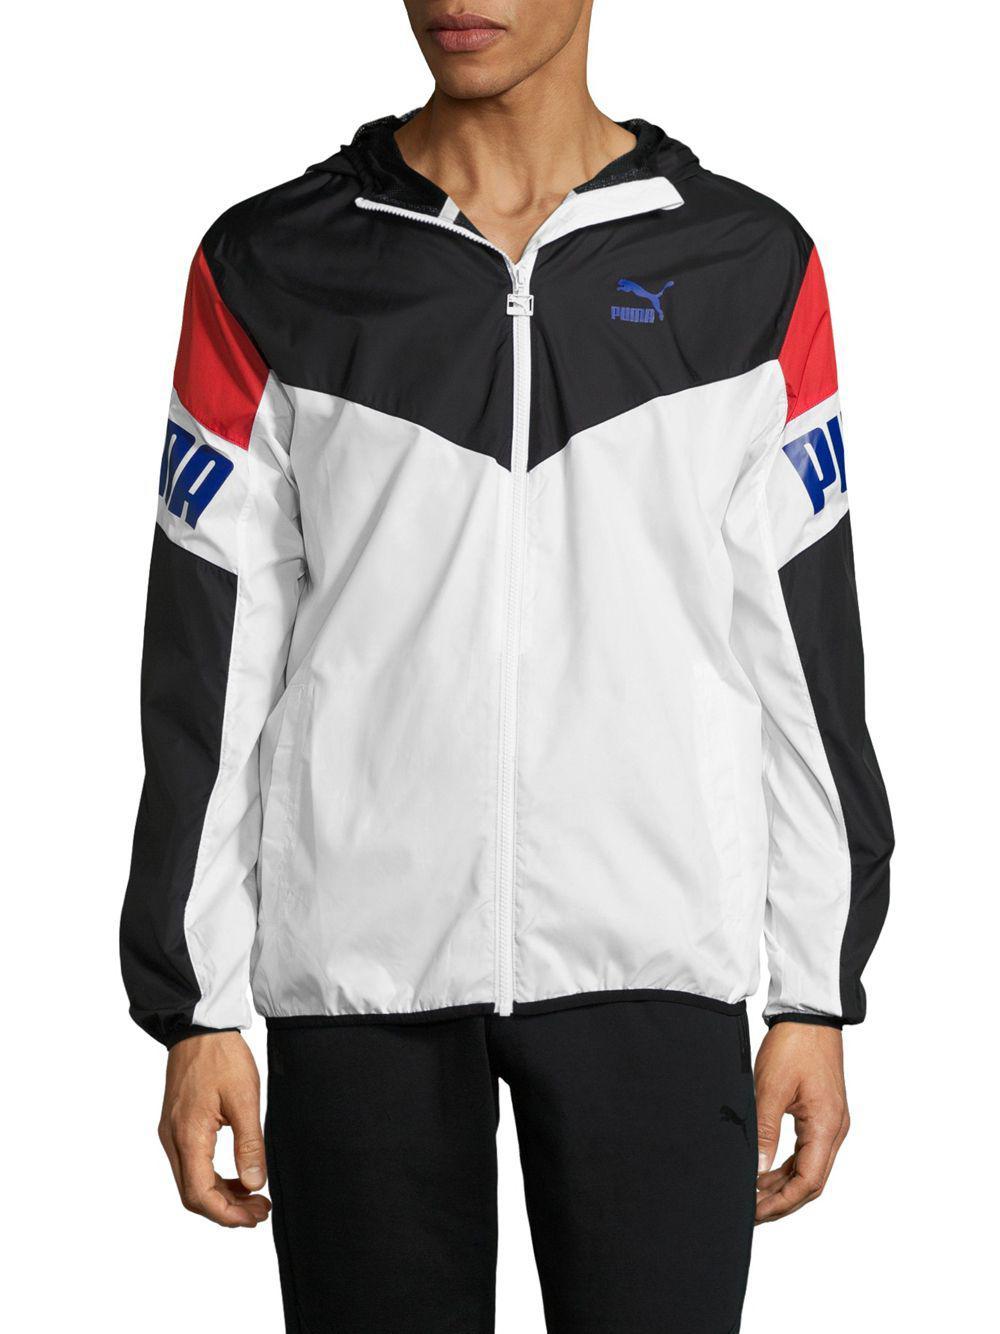 7a00b51f7966 Puma Football Windbreaker Hooded Jacket in White for Men - Lyst